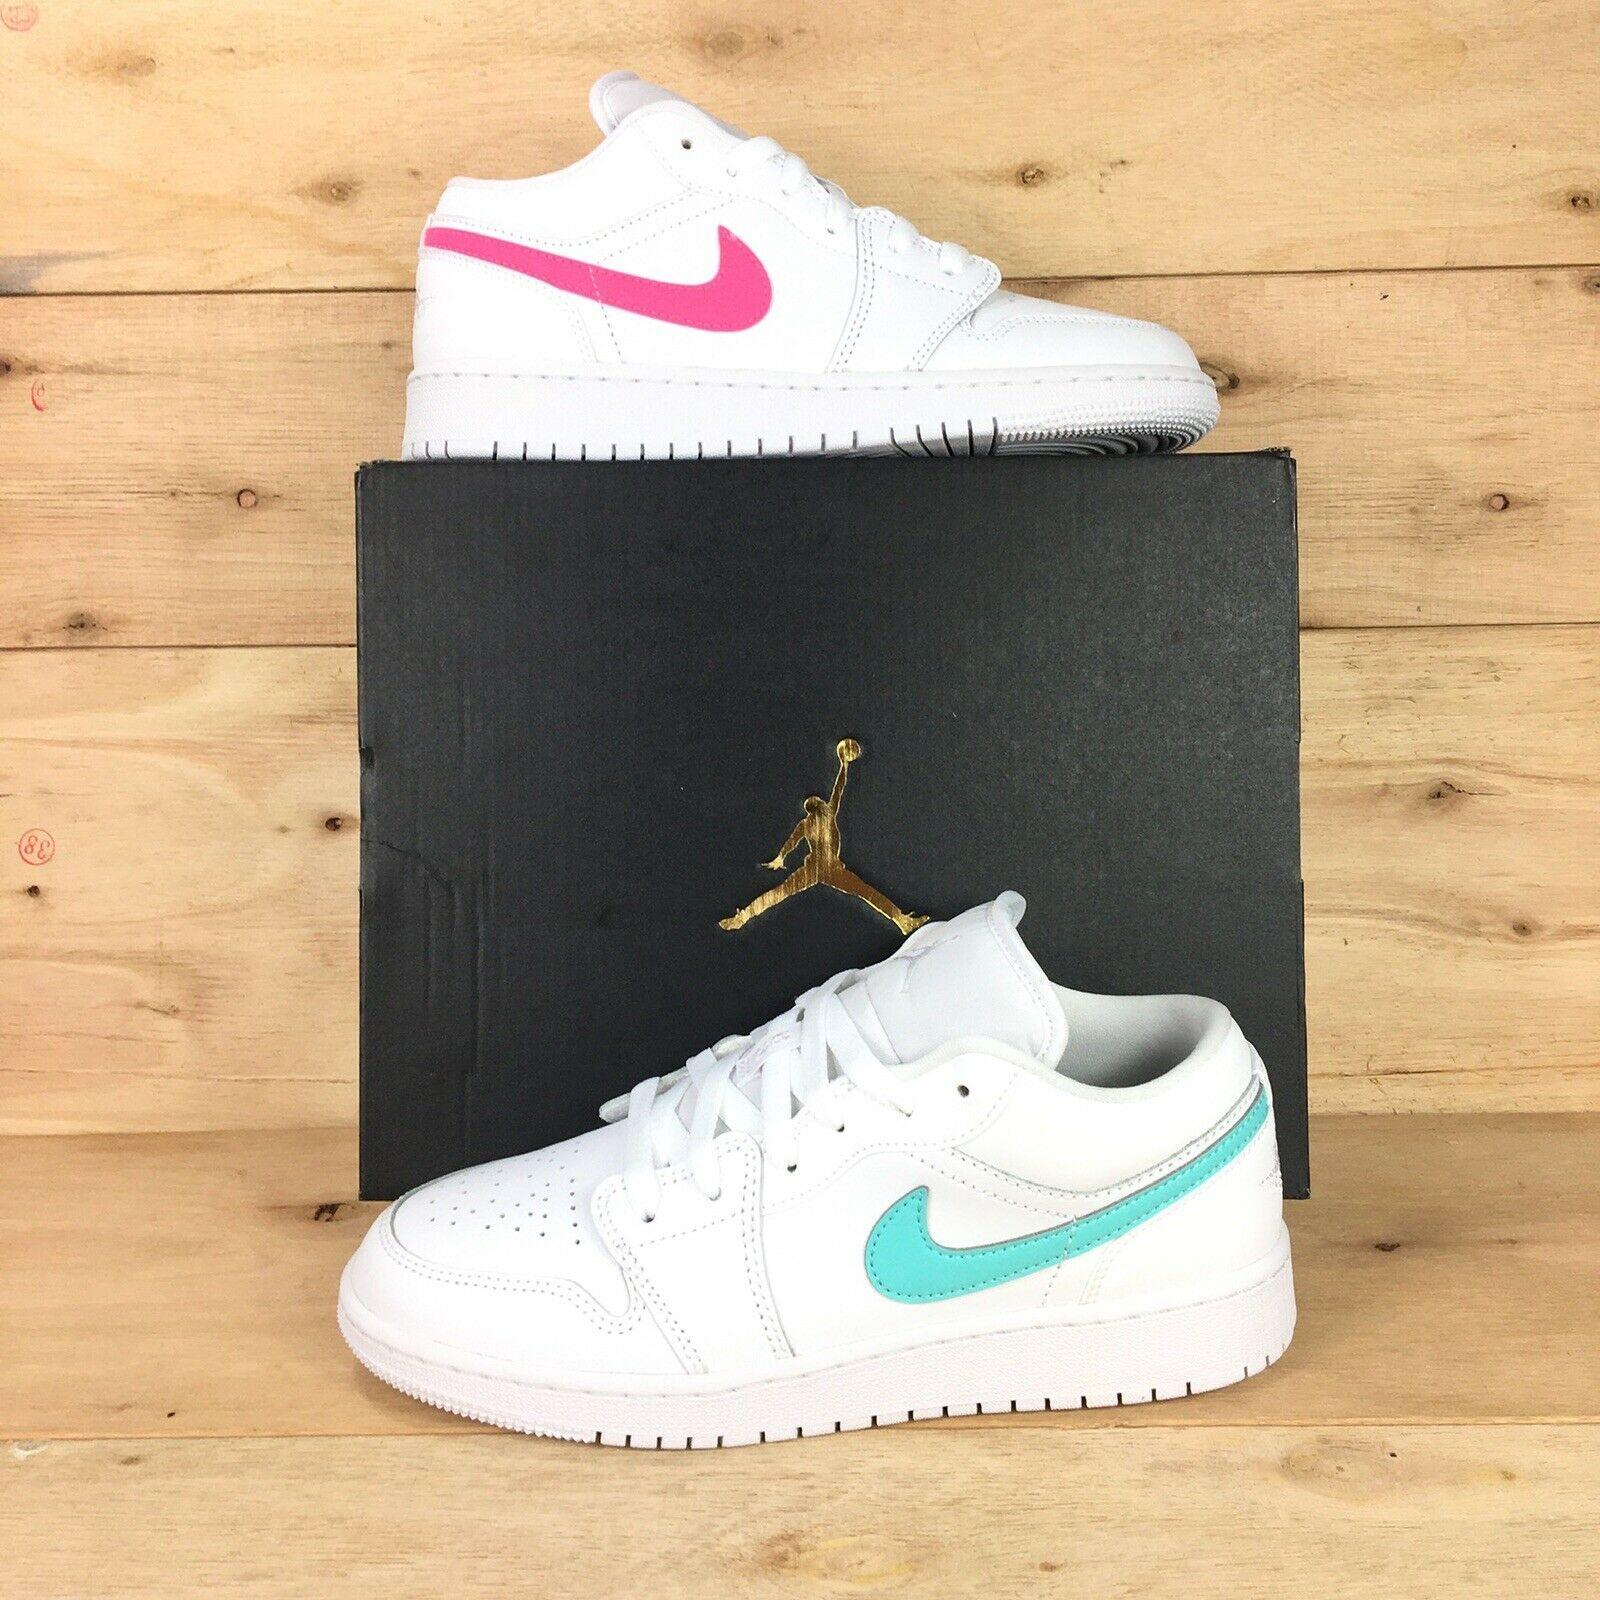 Jordan 1 Low White Neon GS